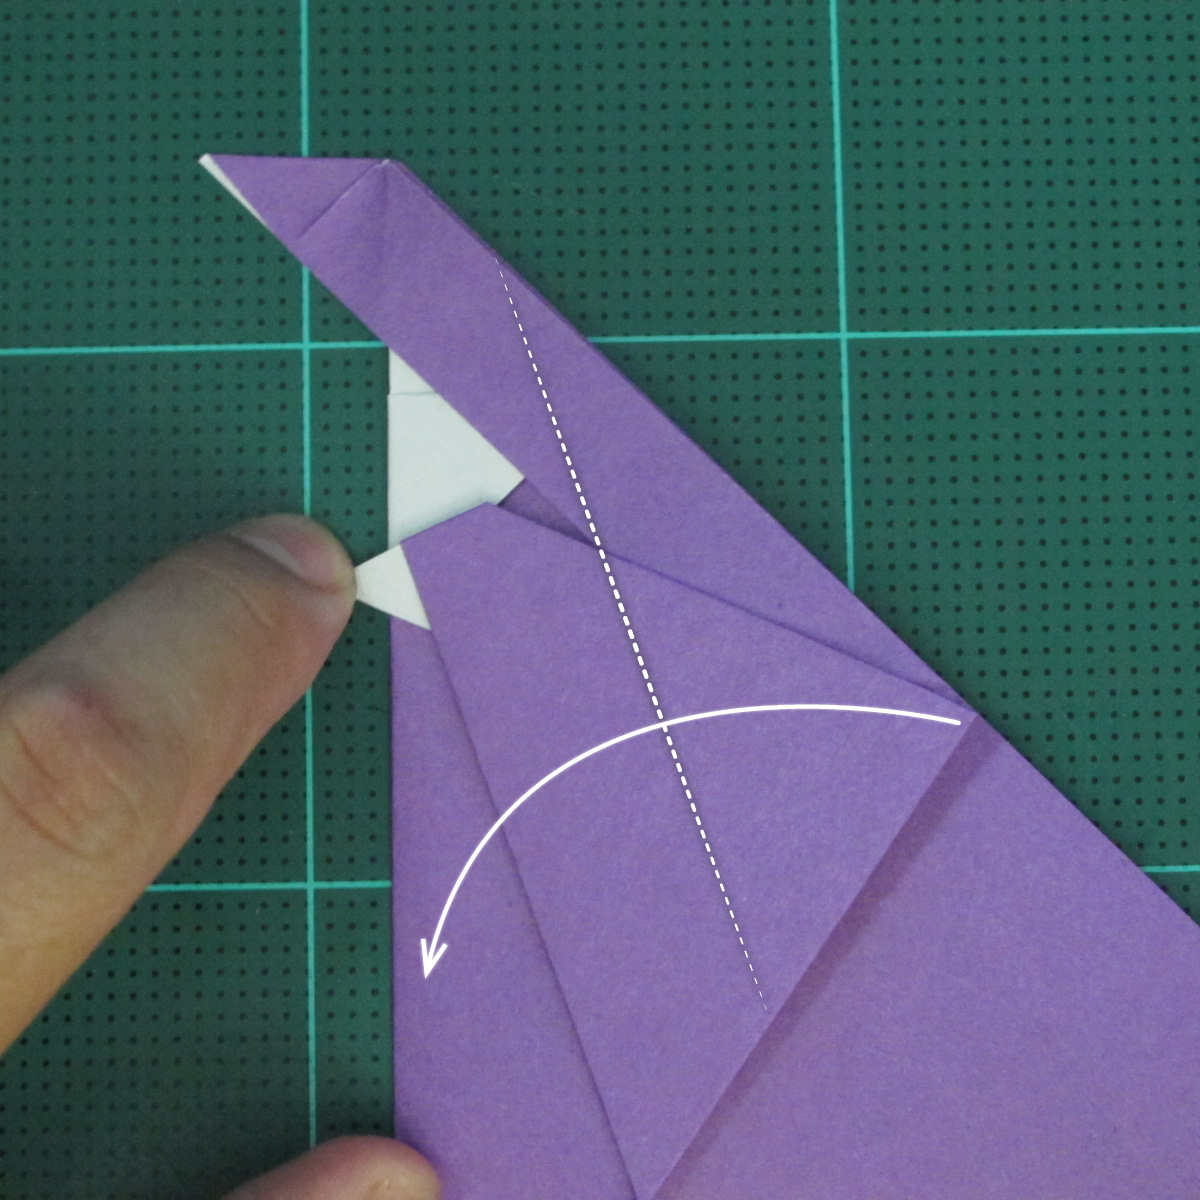 การพับกระดาษเป็นรูปแม่ชี (Origami Nun) 007